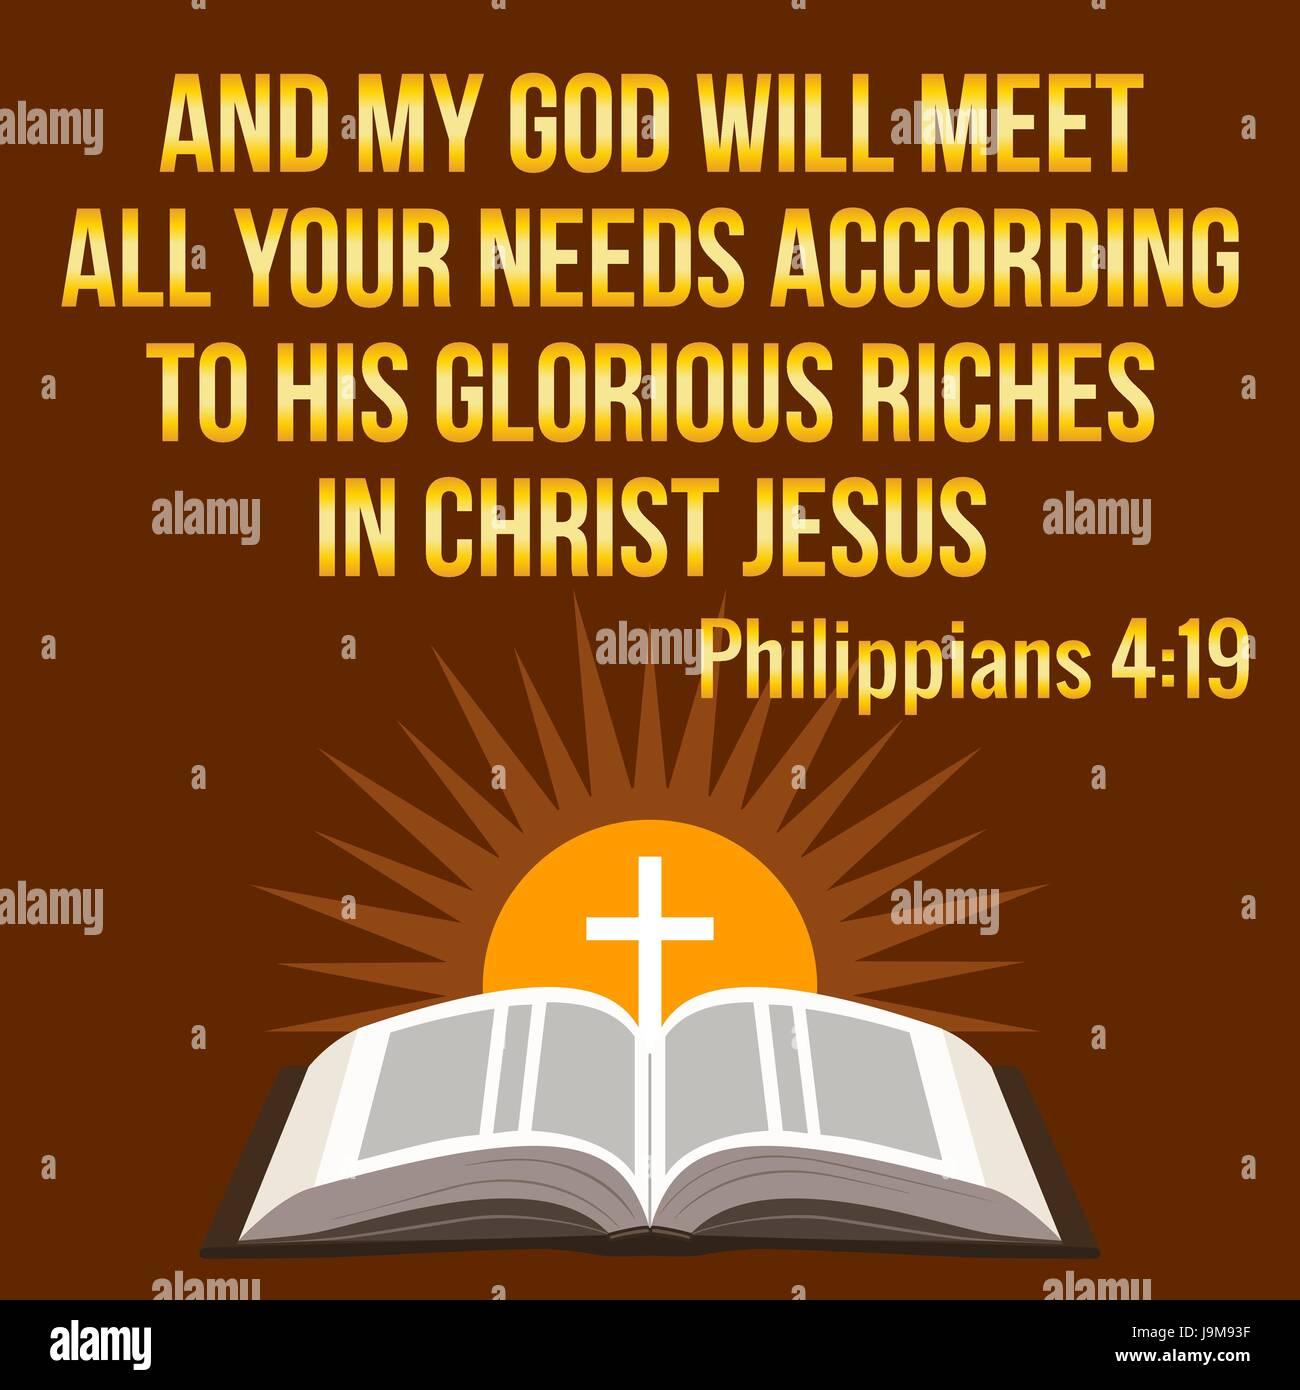 Christliche Motivation Zitat Und Mein Gott Wird All Ihre Bedurfnisse Nach Seinen Glorreichen Reichtum In Christus Jesus Bibel Konzept